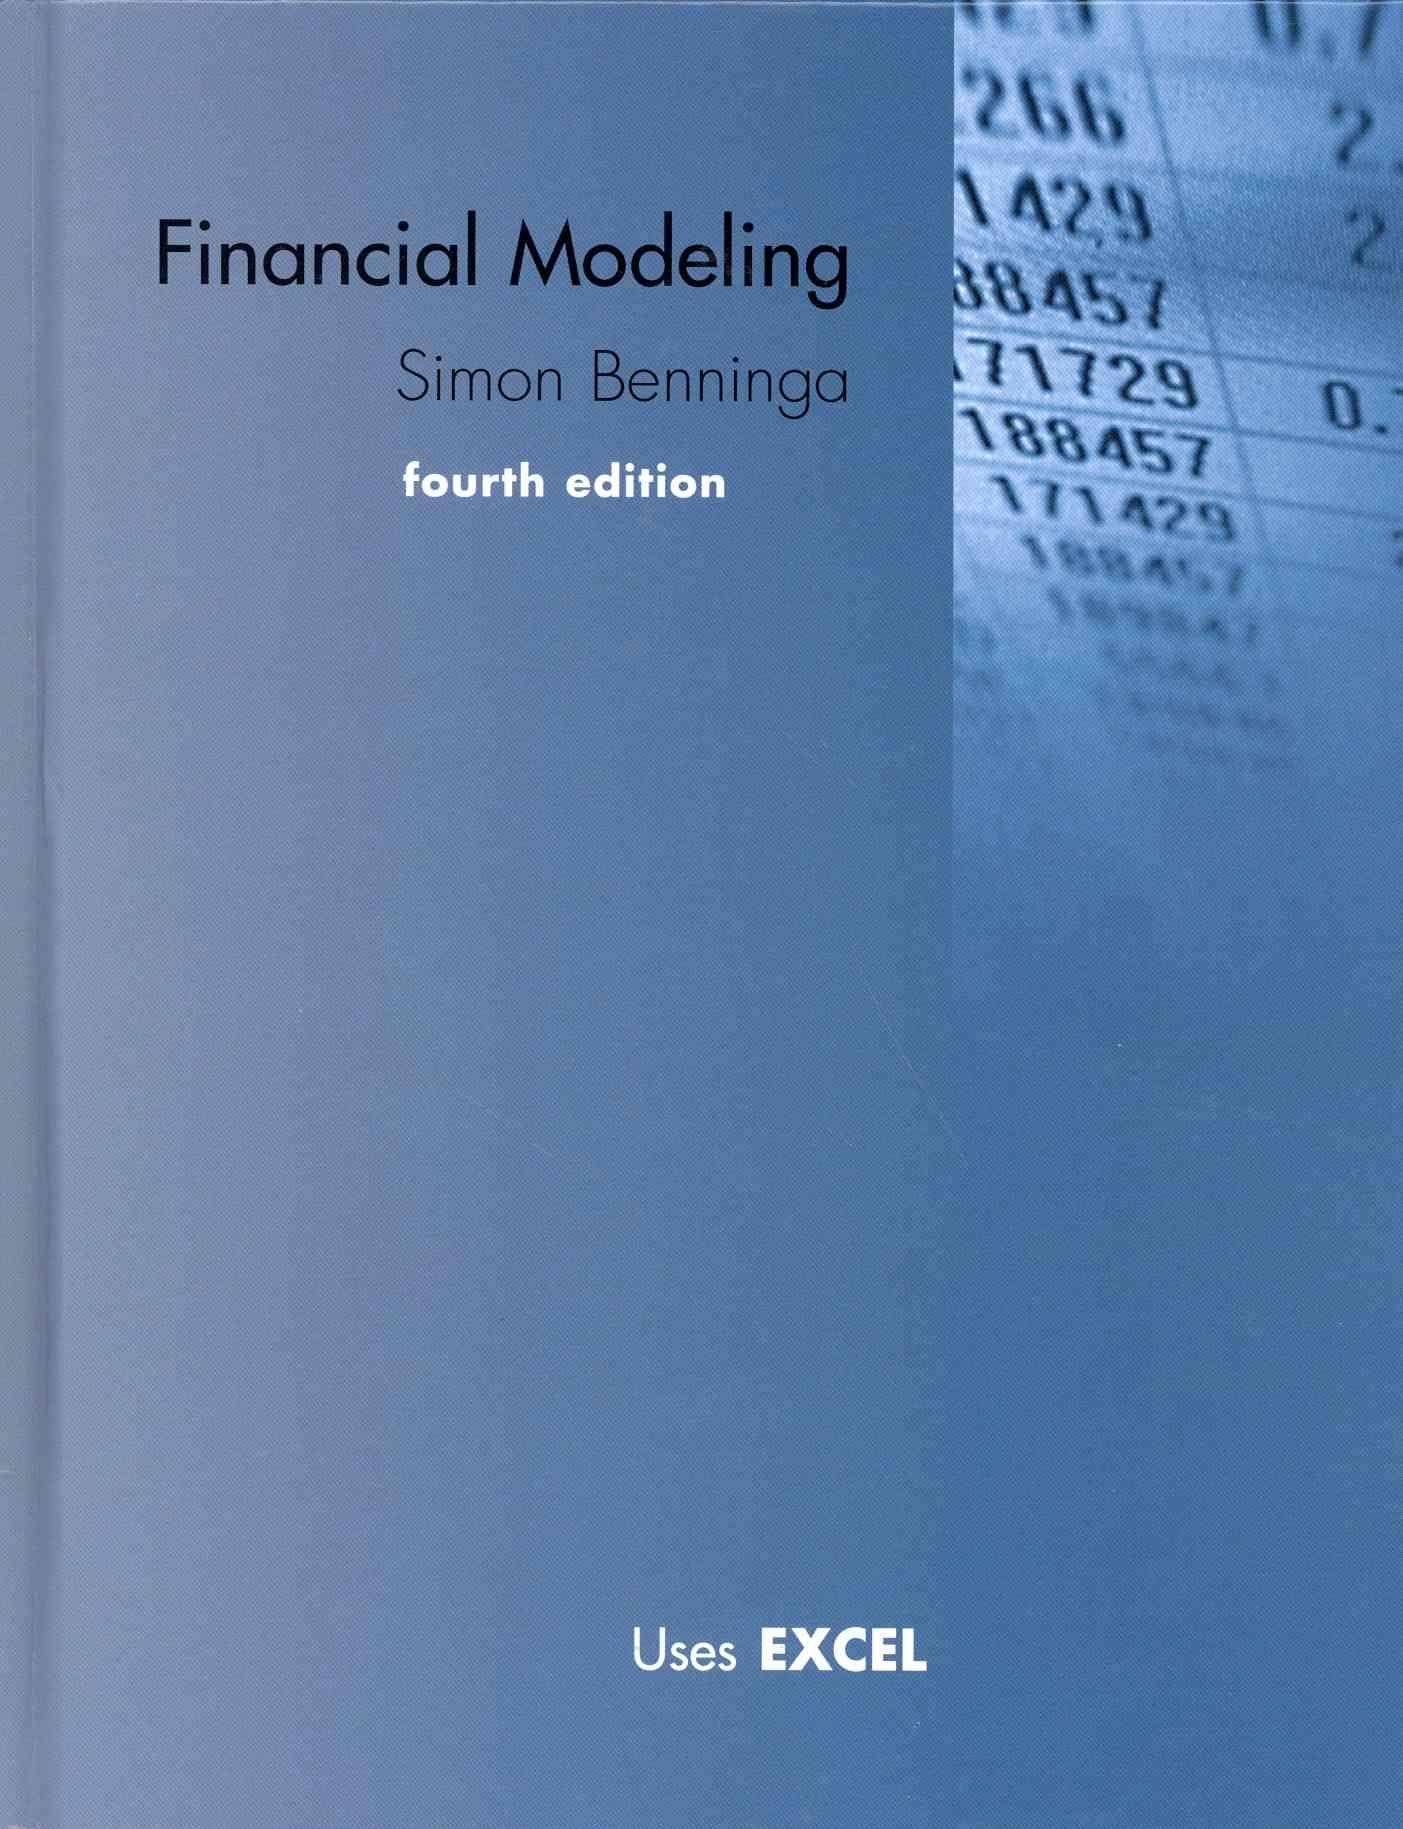 Financial Modeling By Benninga, Simon